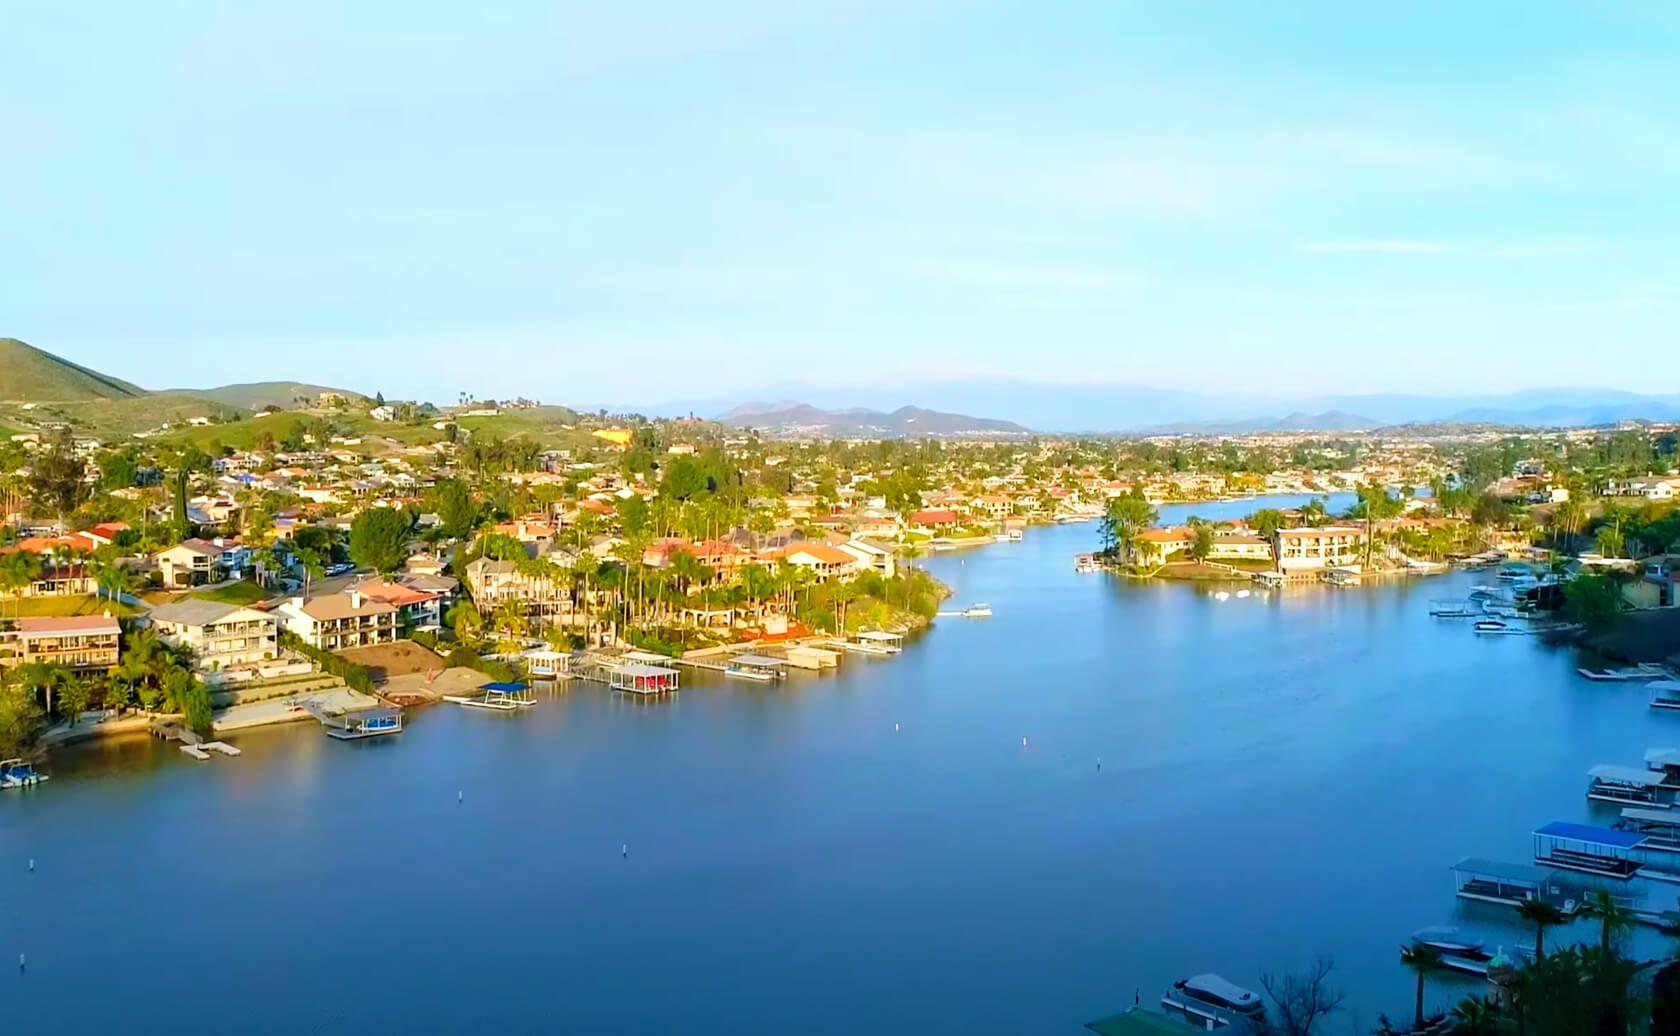 Canyon-Lake-Fishing-Guide-Report-California-92587-03